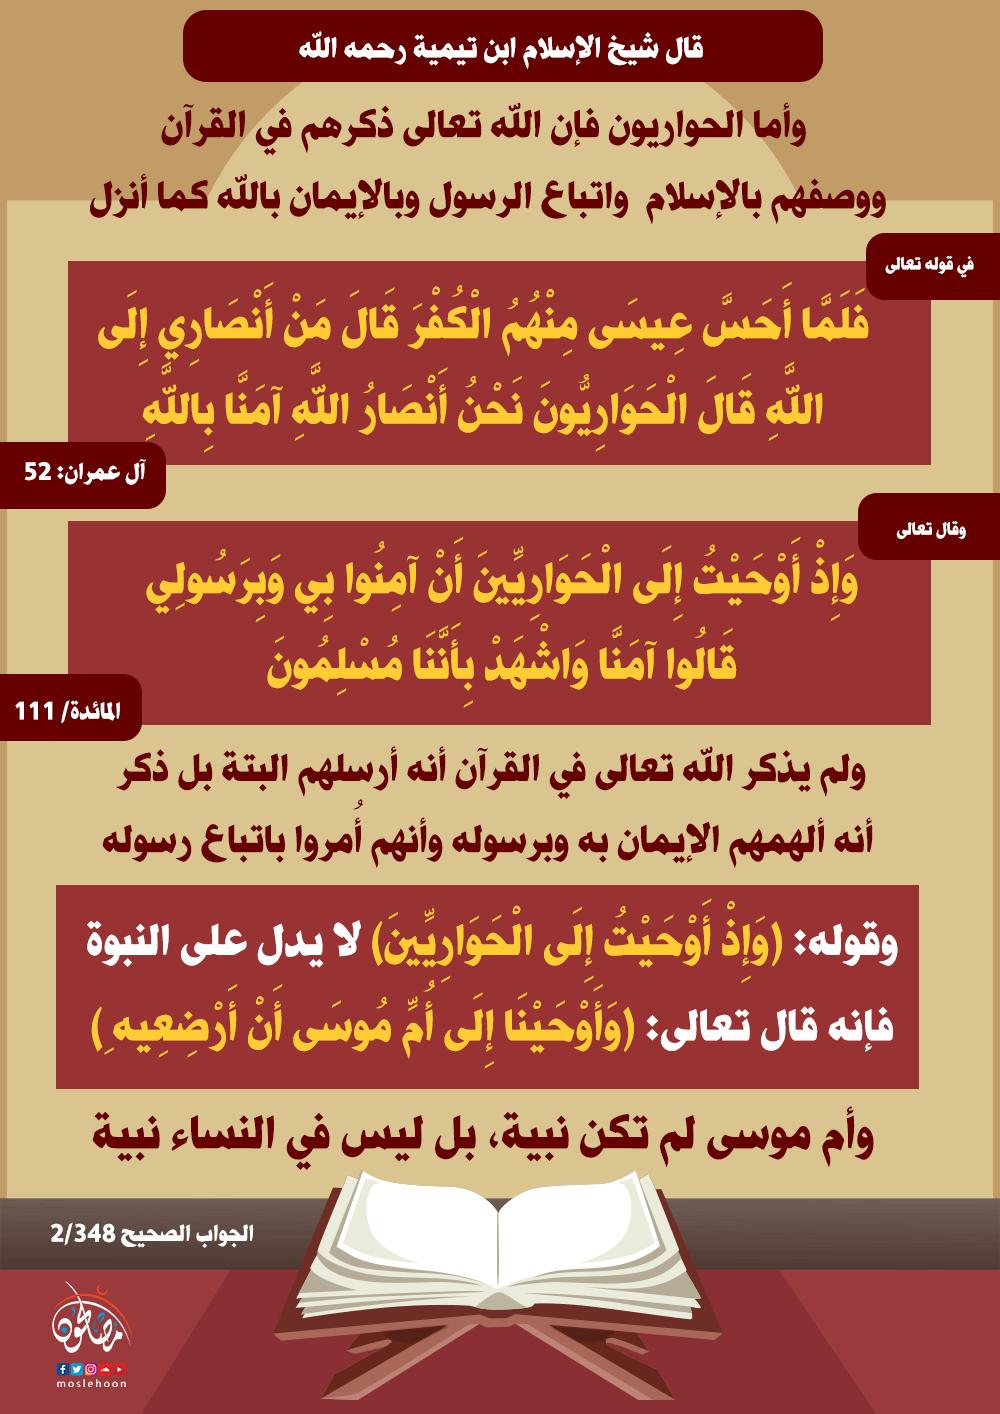 هل كل لفظ الوحي في القرآن يعني النبوة والرسالة؟